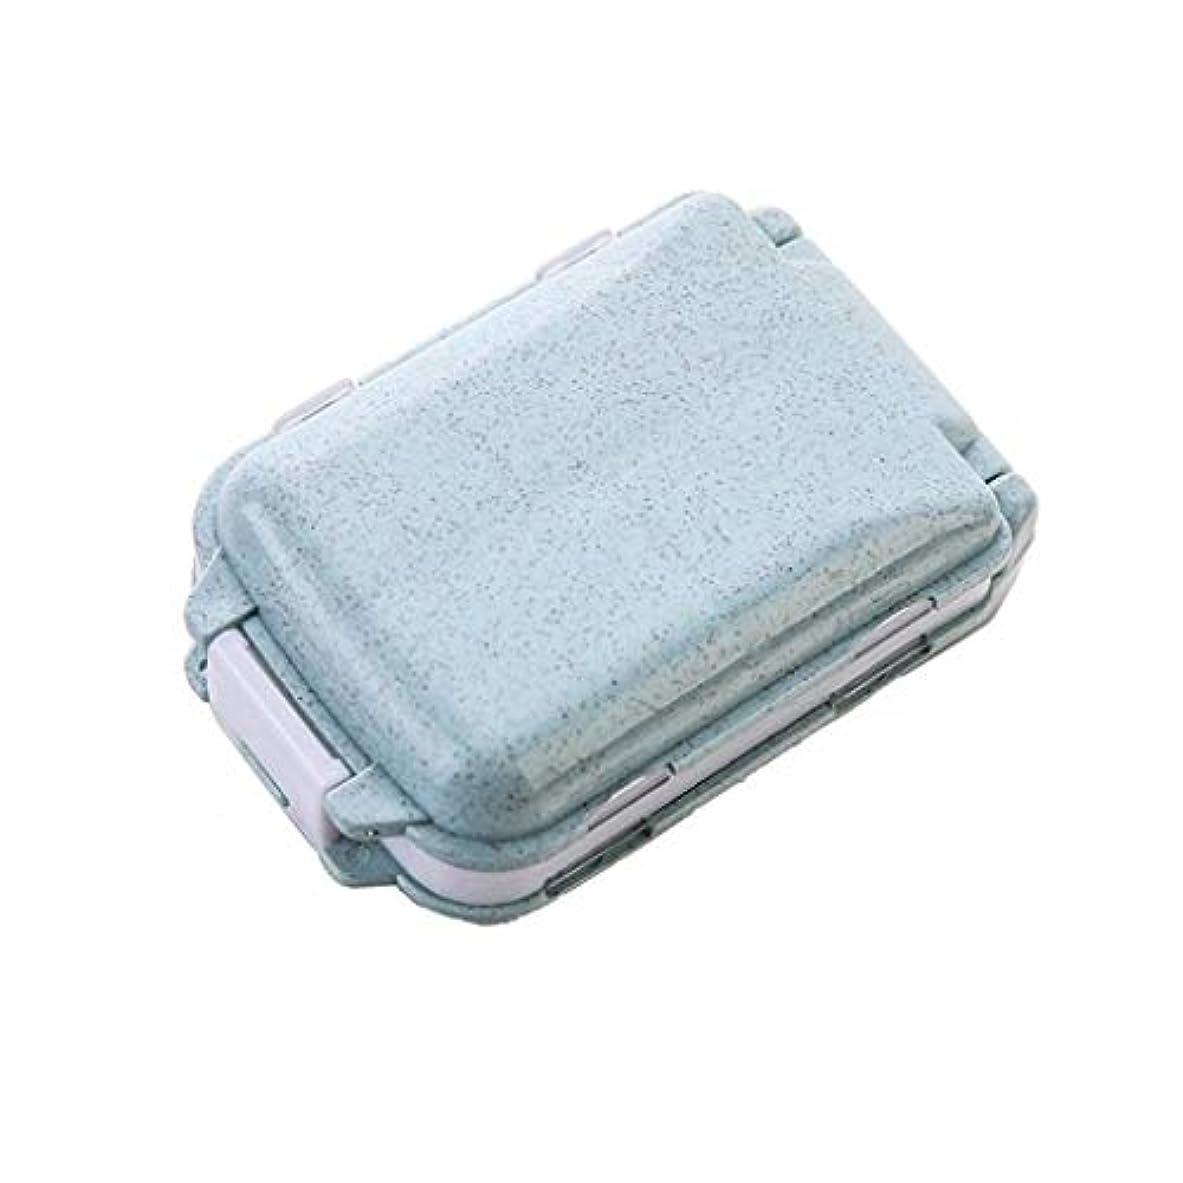 突然大脳試み家庭用小型ピルボックスポータブル薬箱一週間旅行ポータブルピル薬ディスペンス薬箱ミニピルボックス LIUXIN (Color : Blue, Size : 10cm×3.8cm)